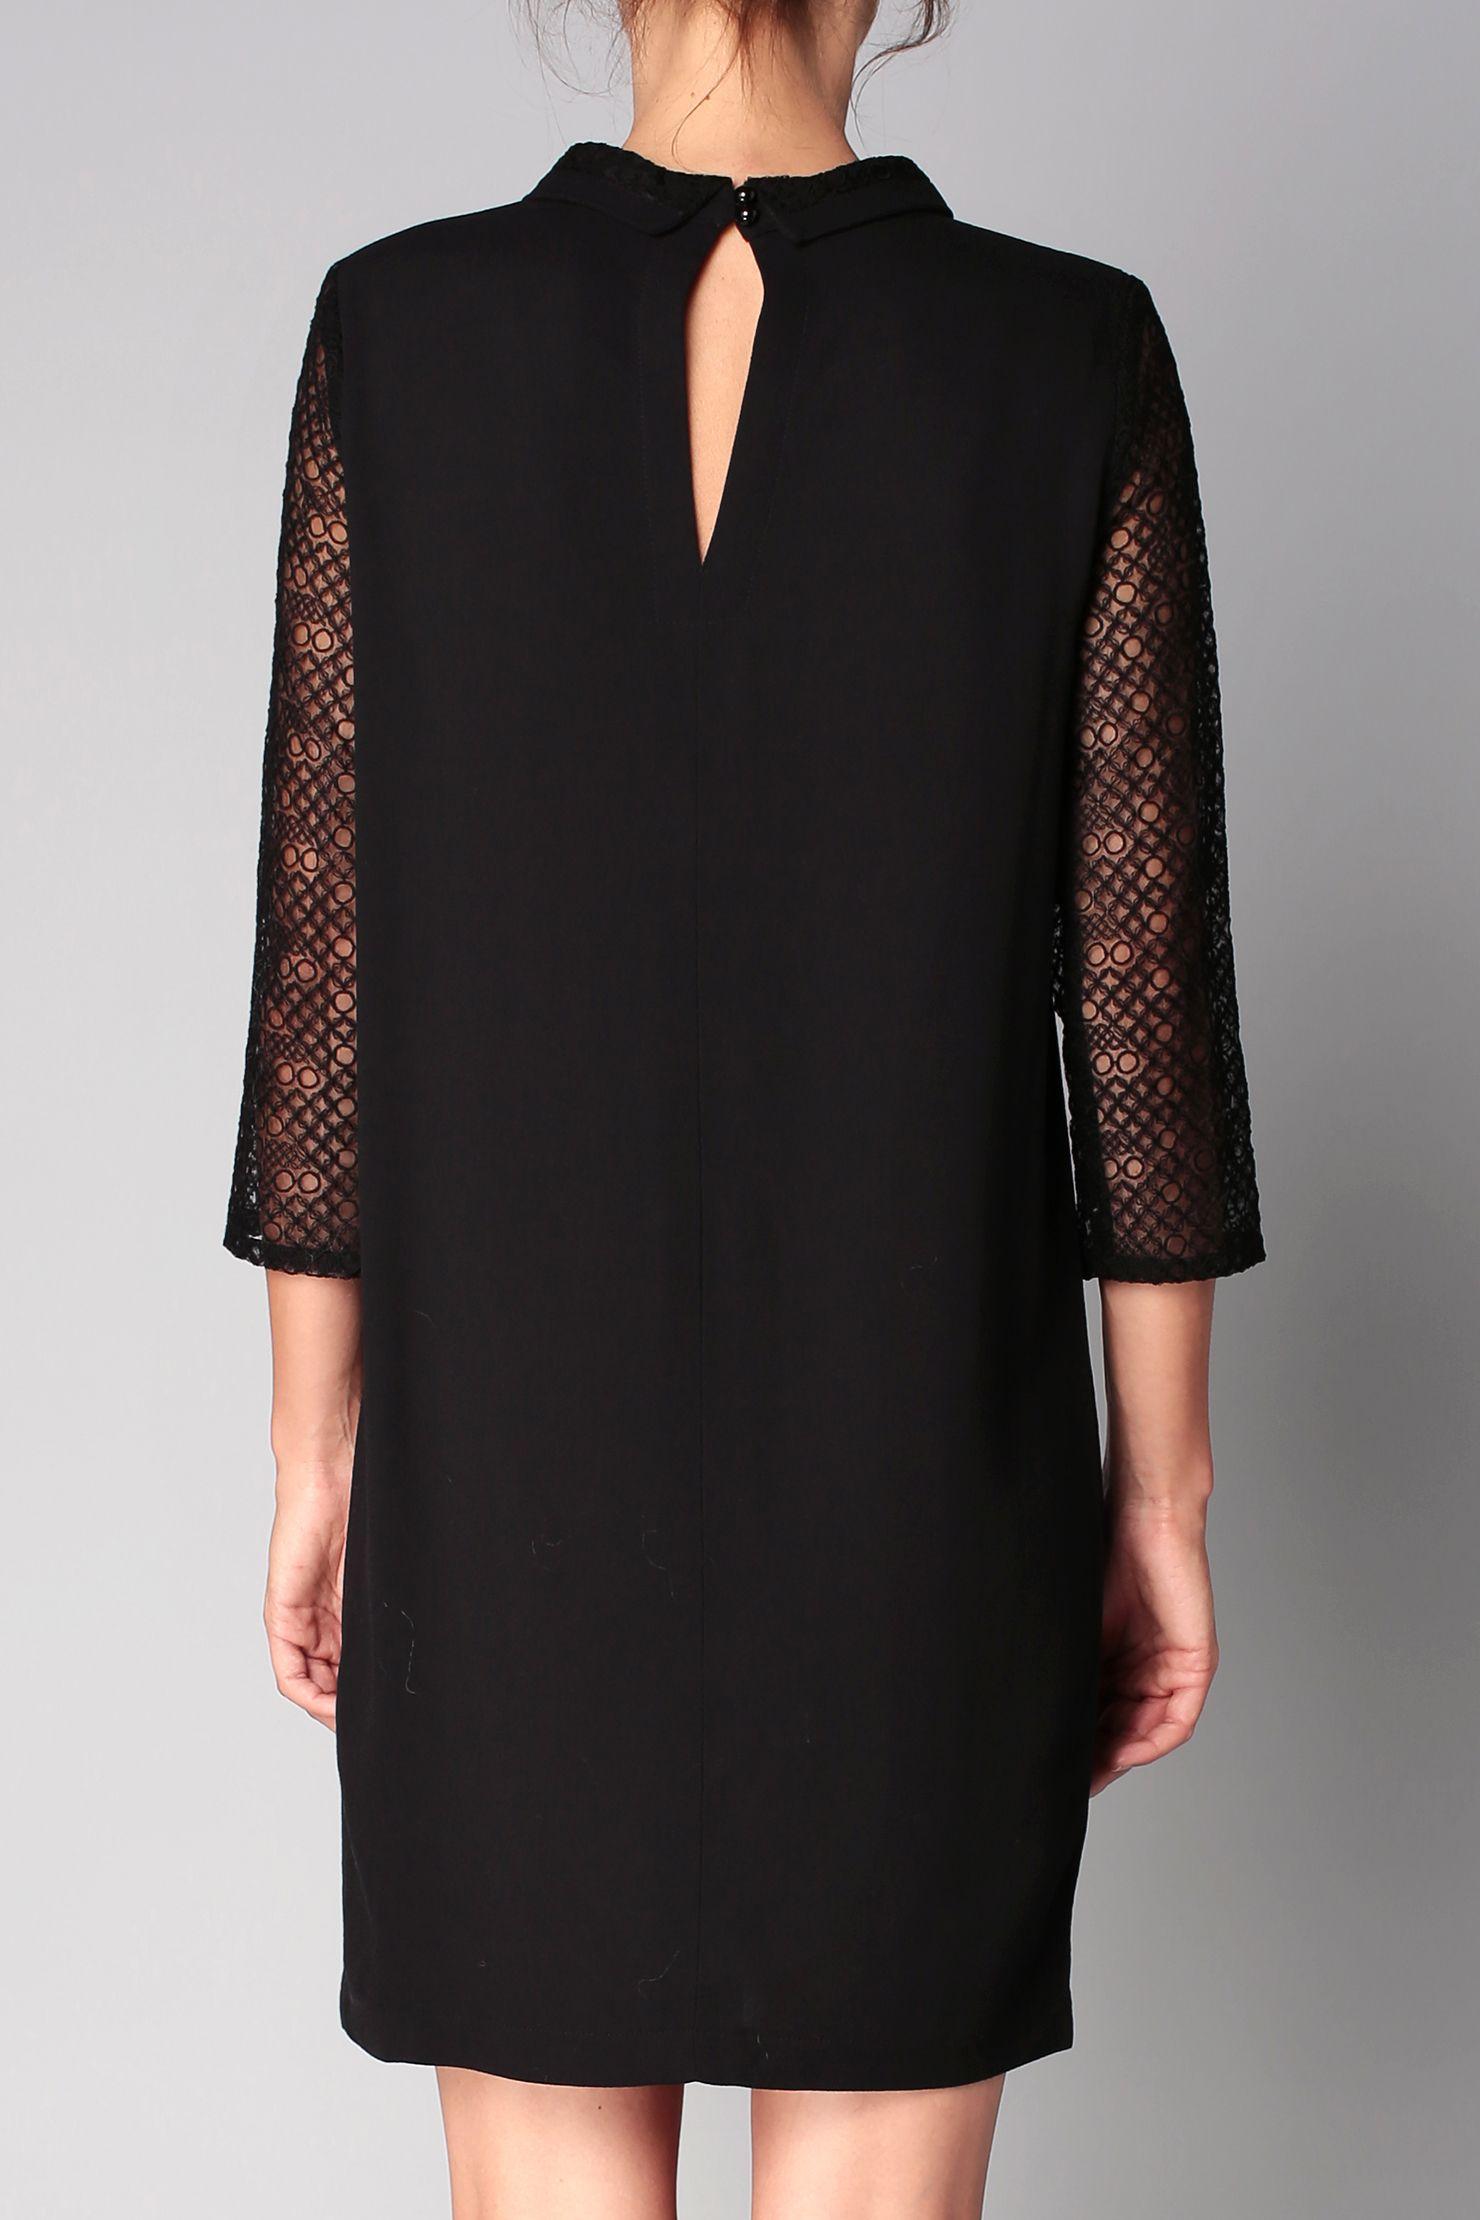 2f0d6b47dee Robe noire manches dentelle Vicky Sessun sur MonShowroom.com Plus